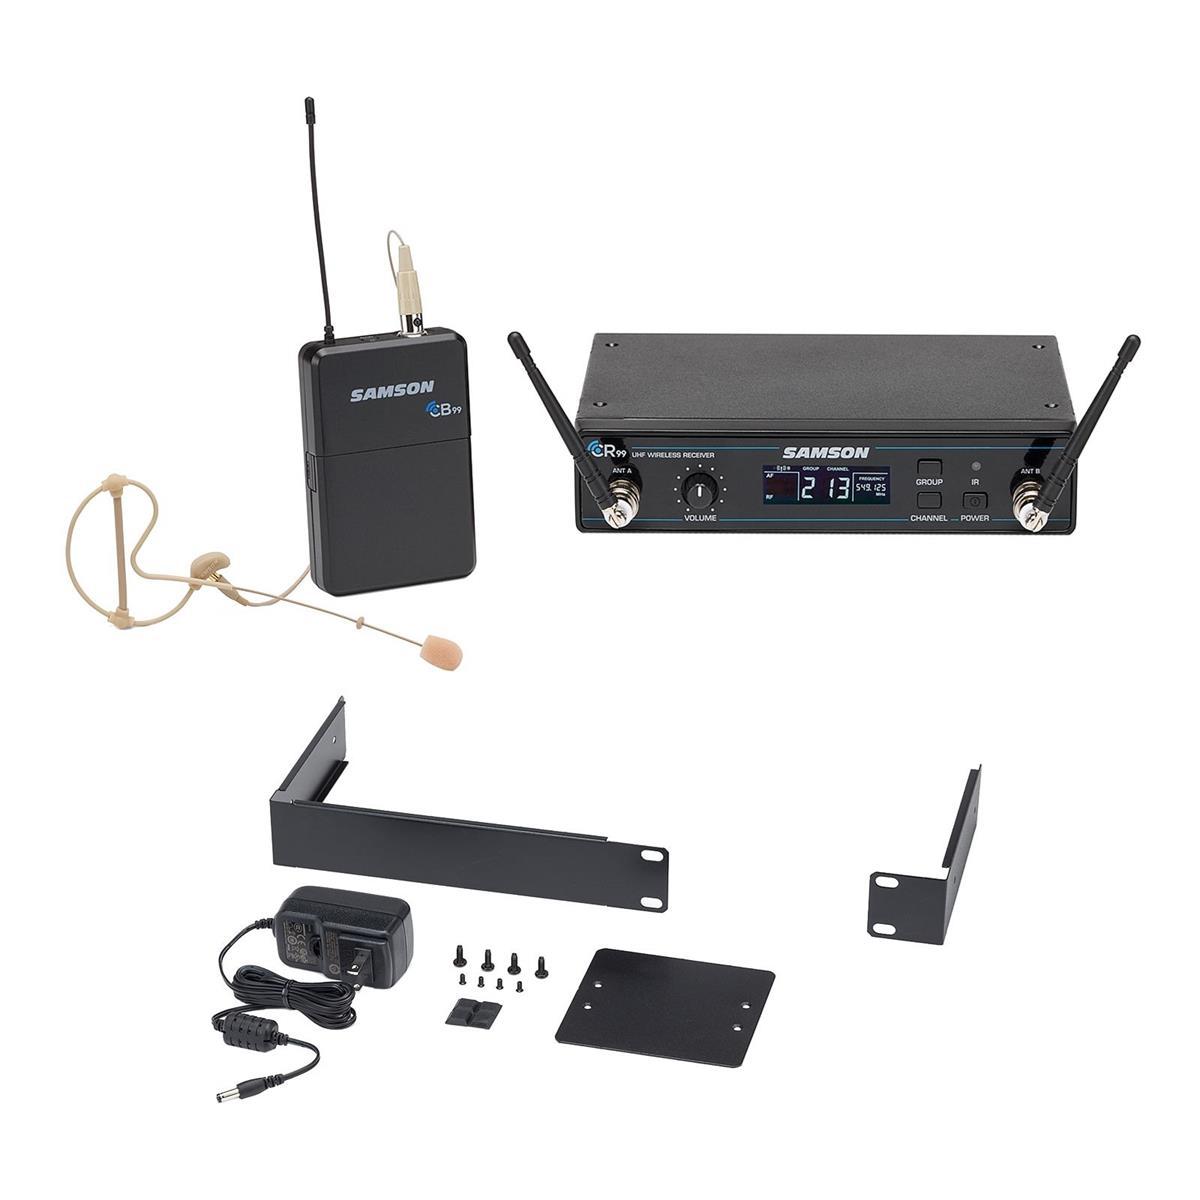 Samson-CONCERT-99-UHF-Earset-System-C-638-662-MHz-sku-7649290643004